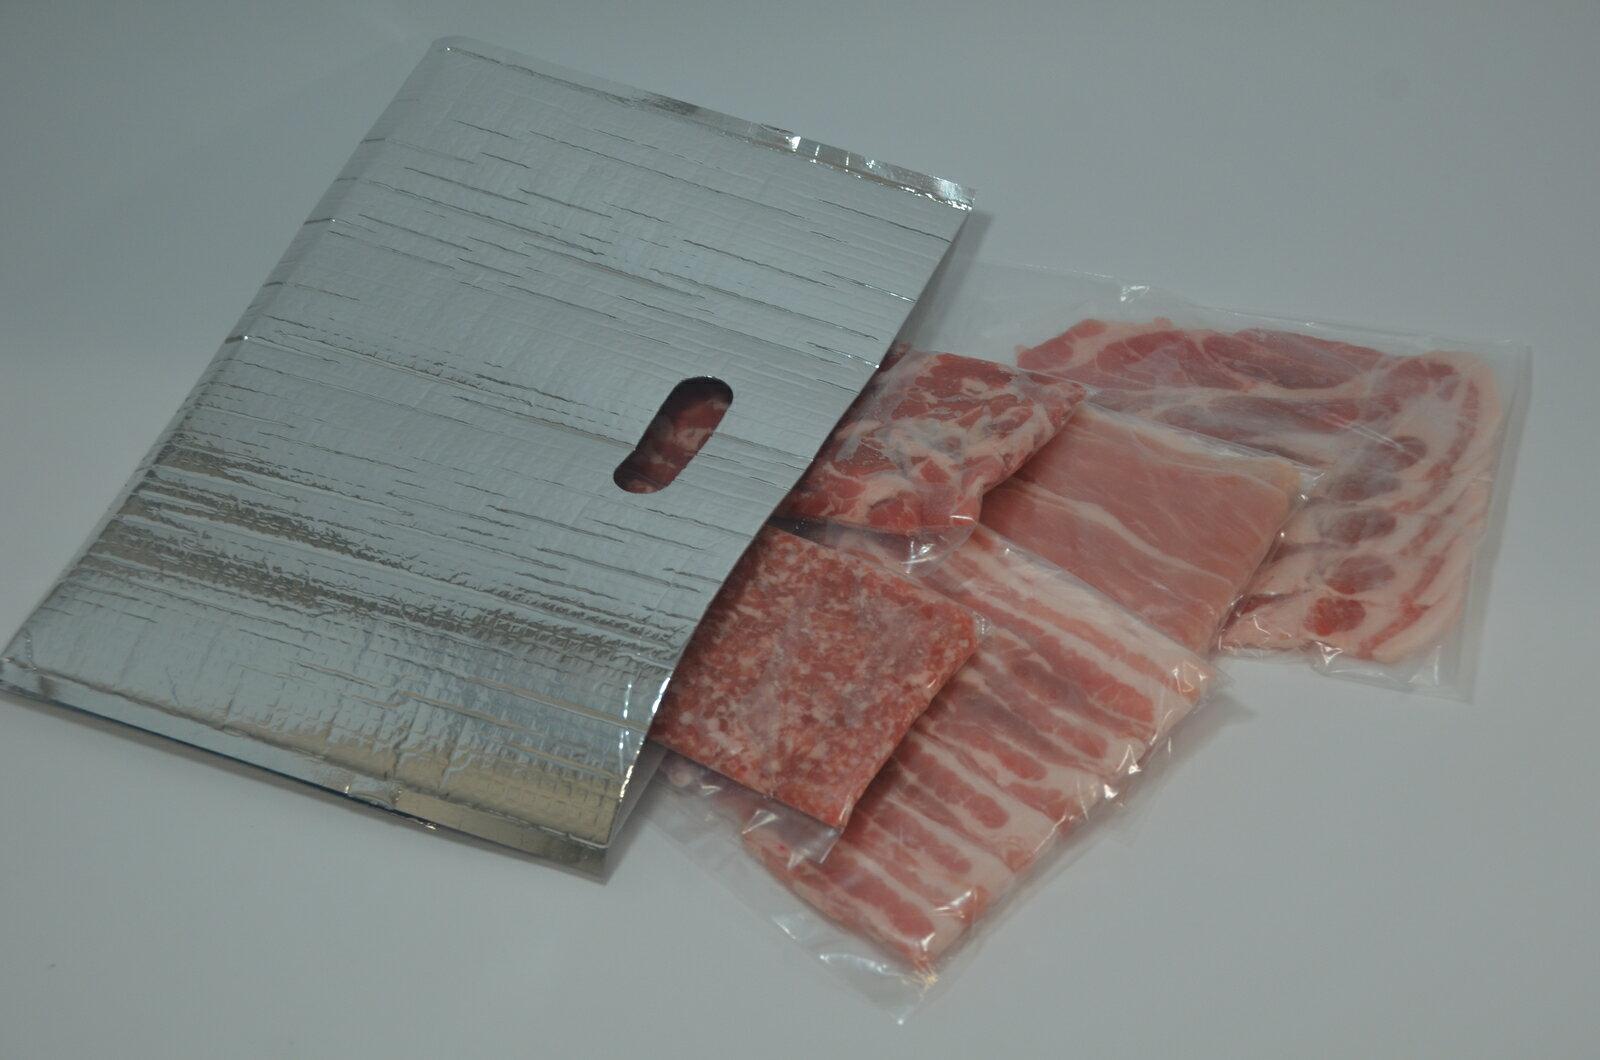 単身用100gお肉セット(茨城県産)